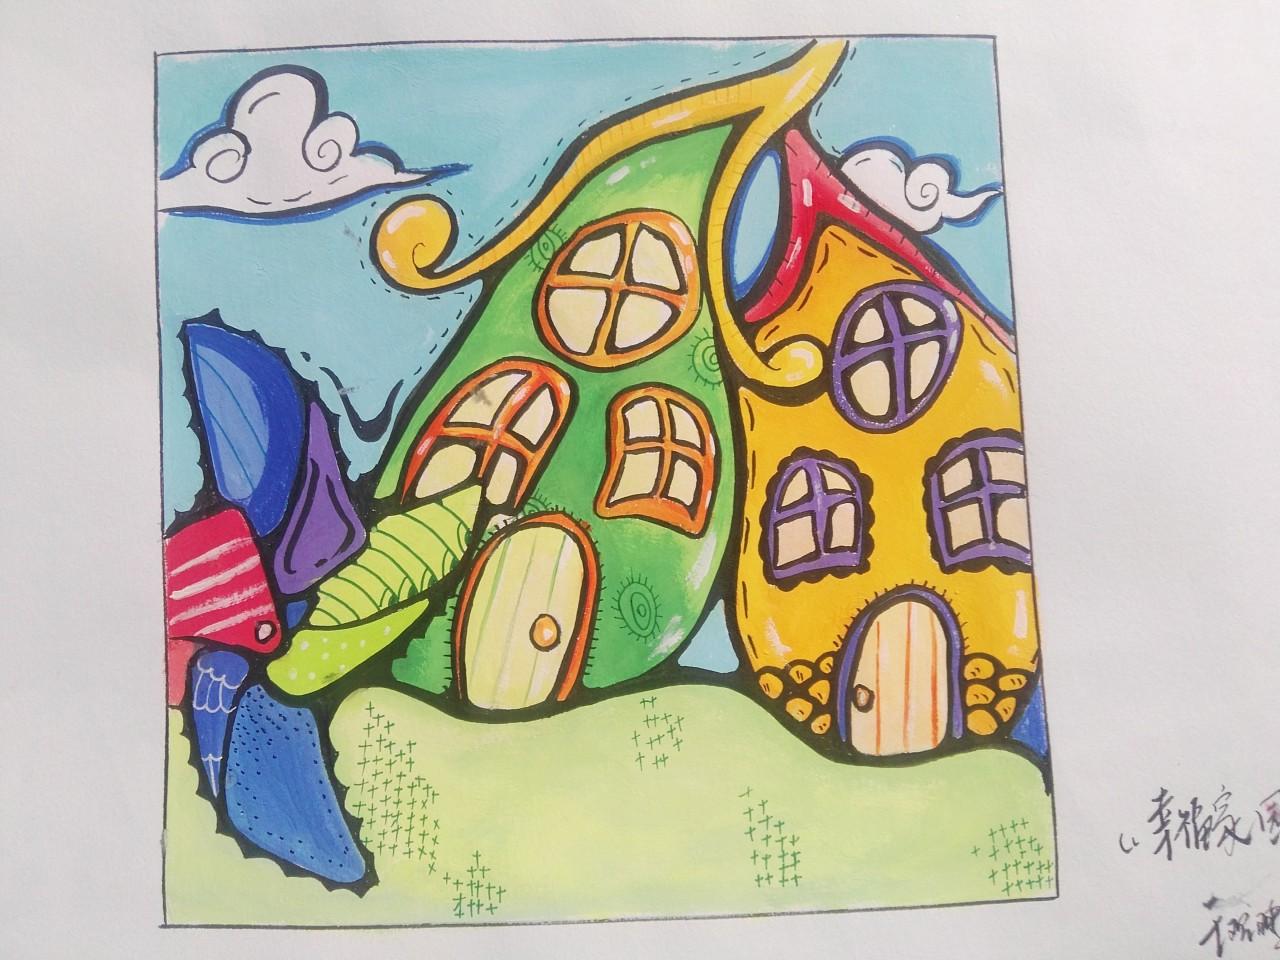 童画画鸟_彩色装饰画|纯艺术|其他艺创|怂鸟 - 原创作品 - 站酷